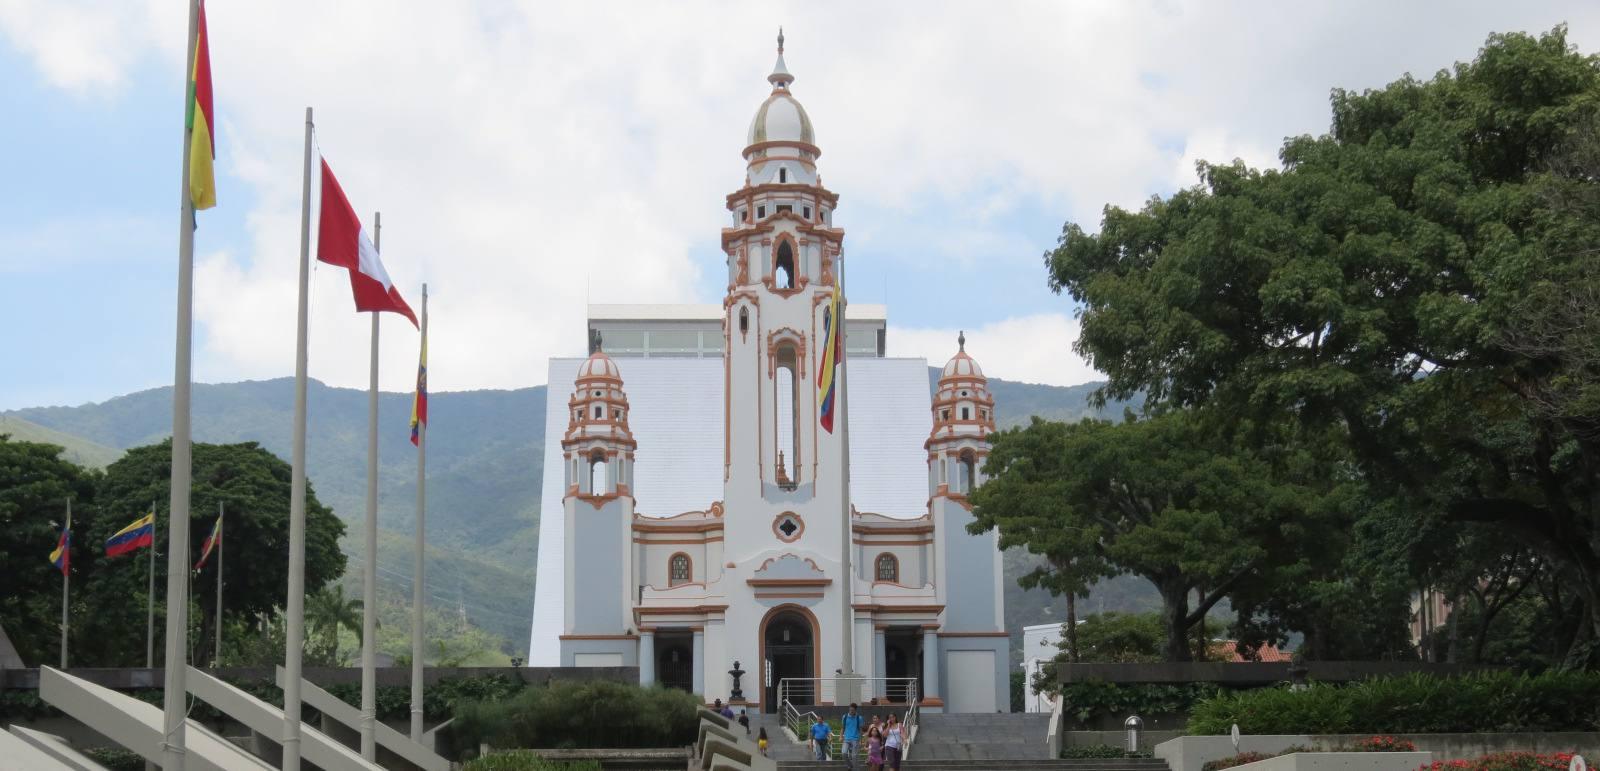 Panteón Nacional in Caracas, Venezuela